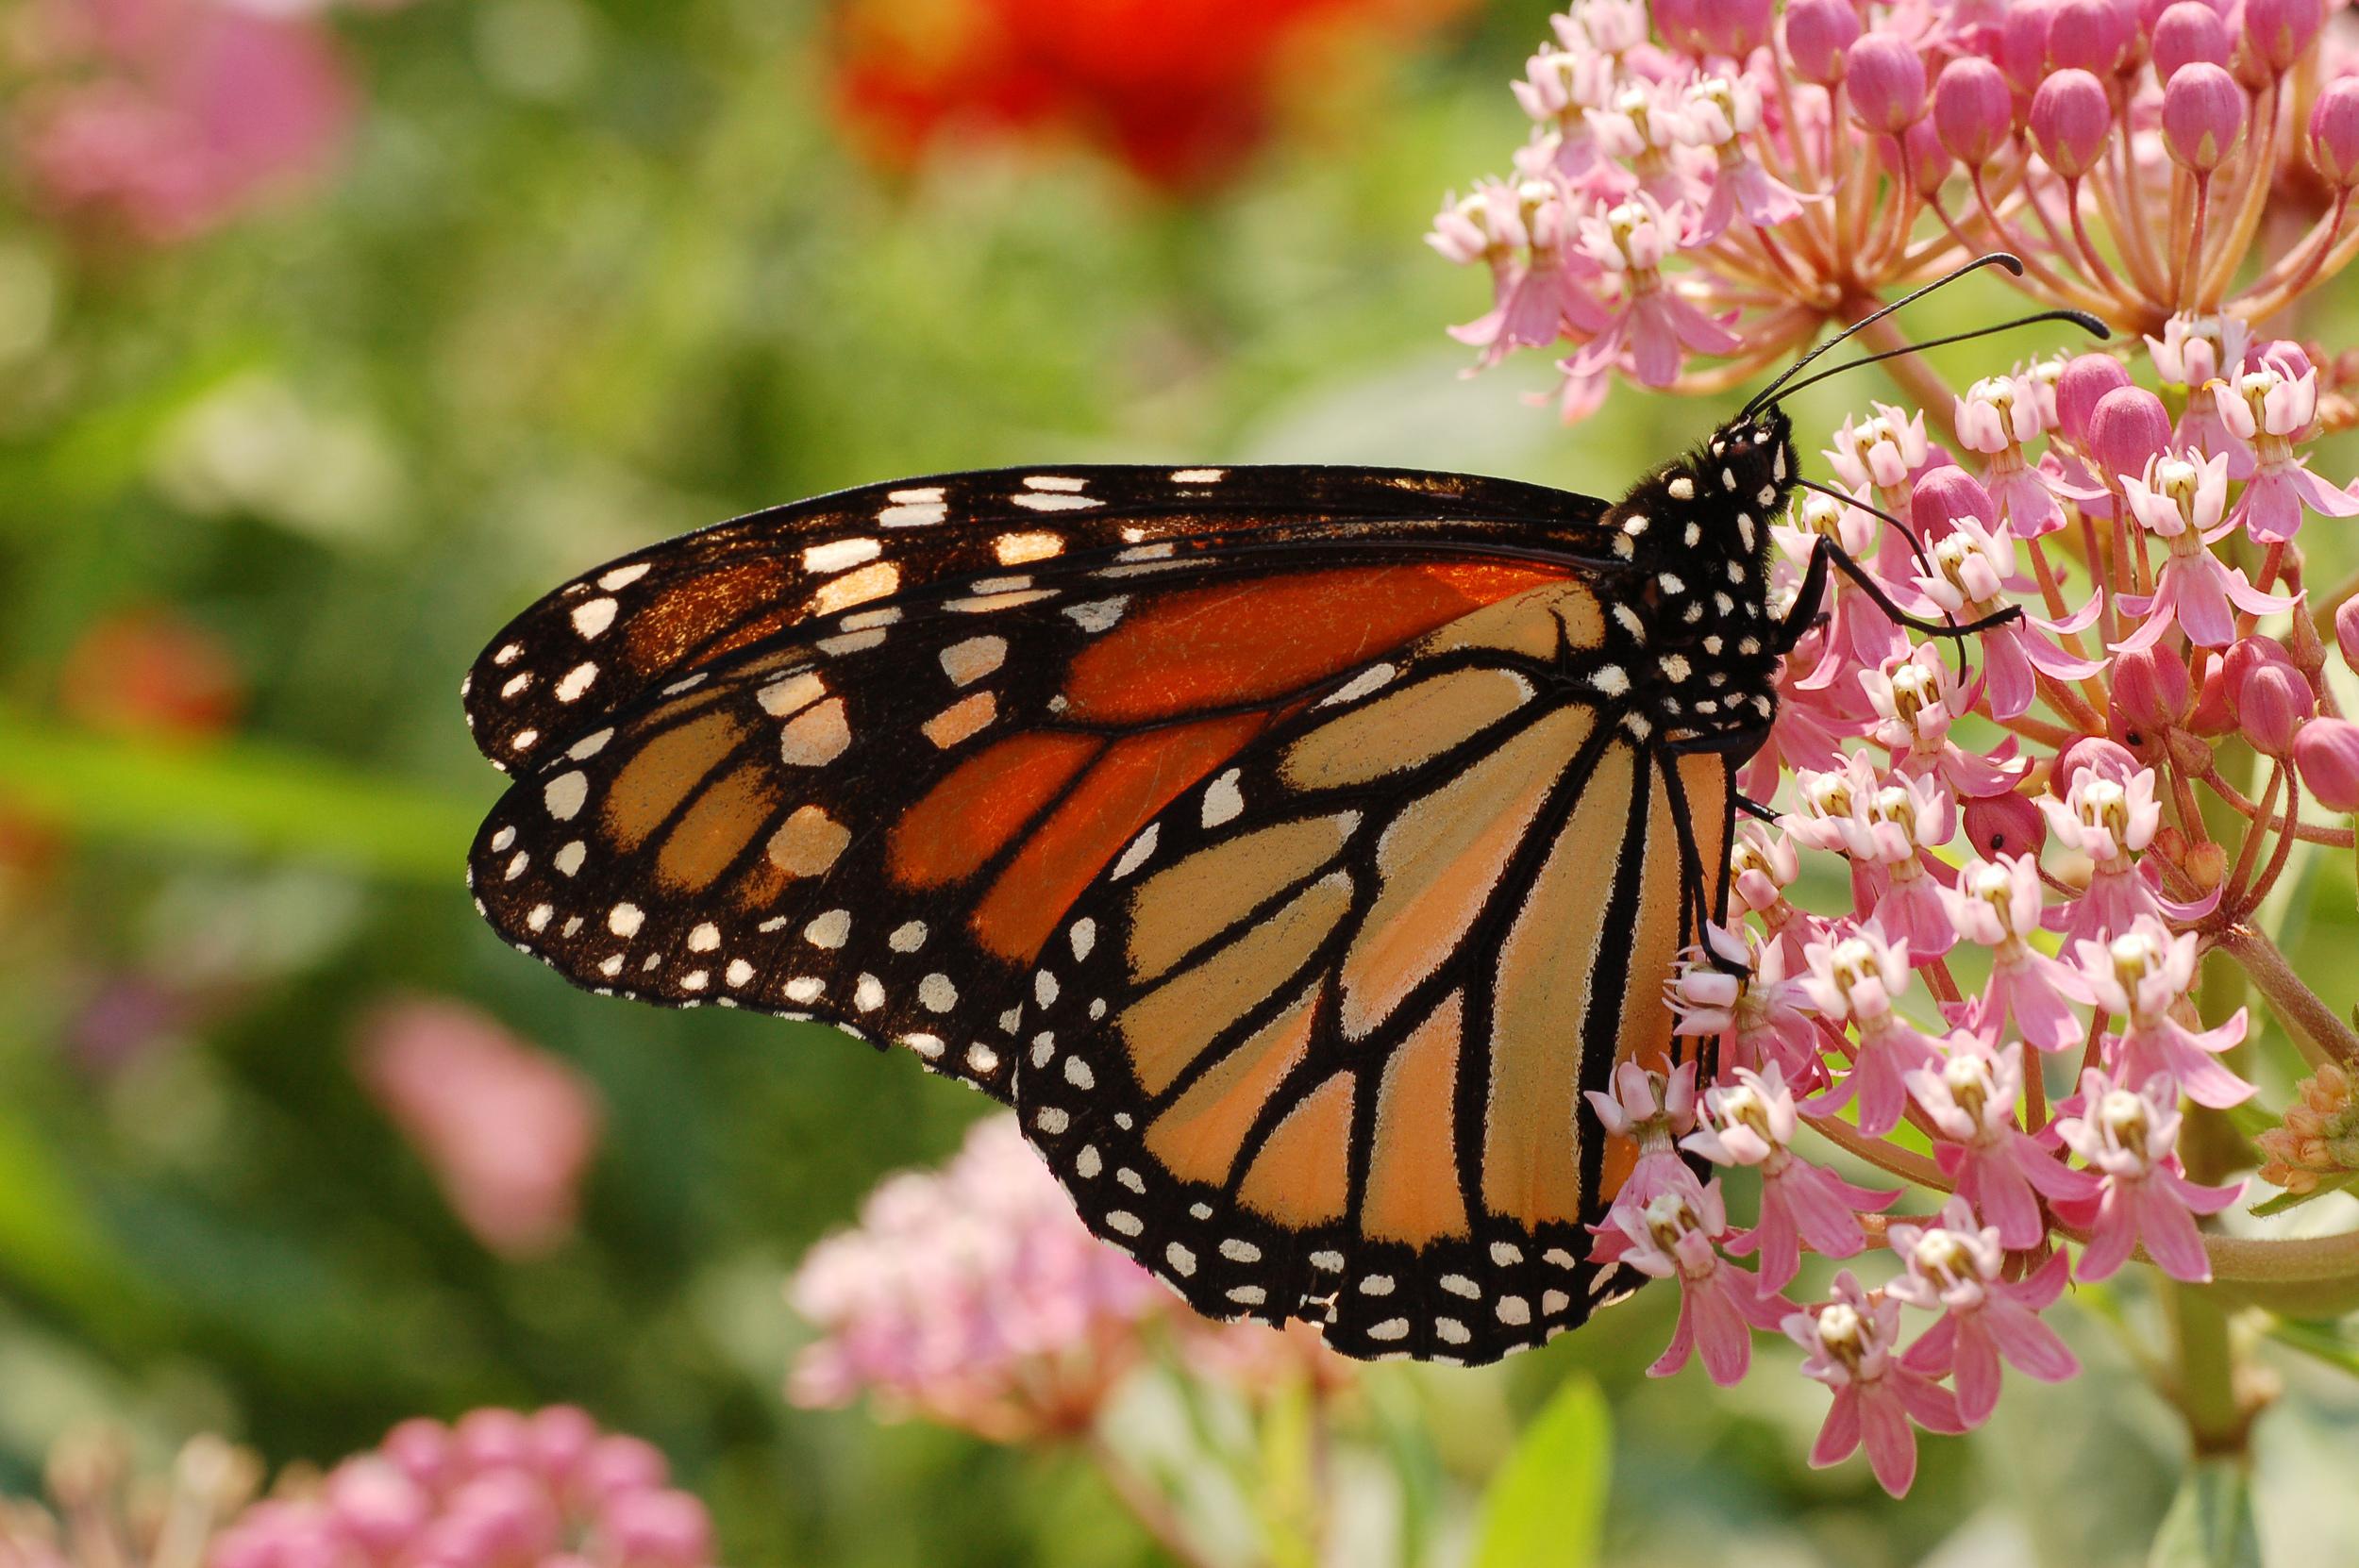 Monarch_Butterfly_Danaus_plexippus_Milkweed